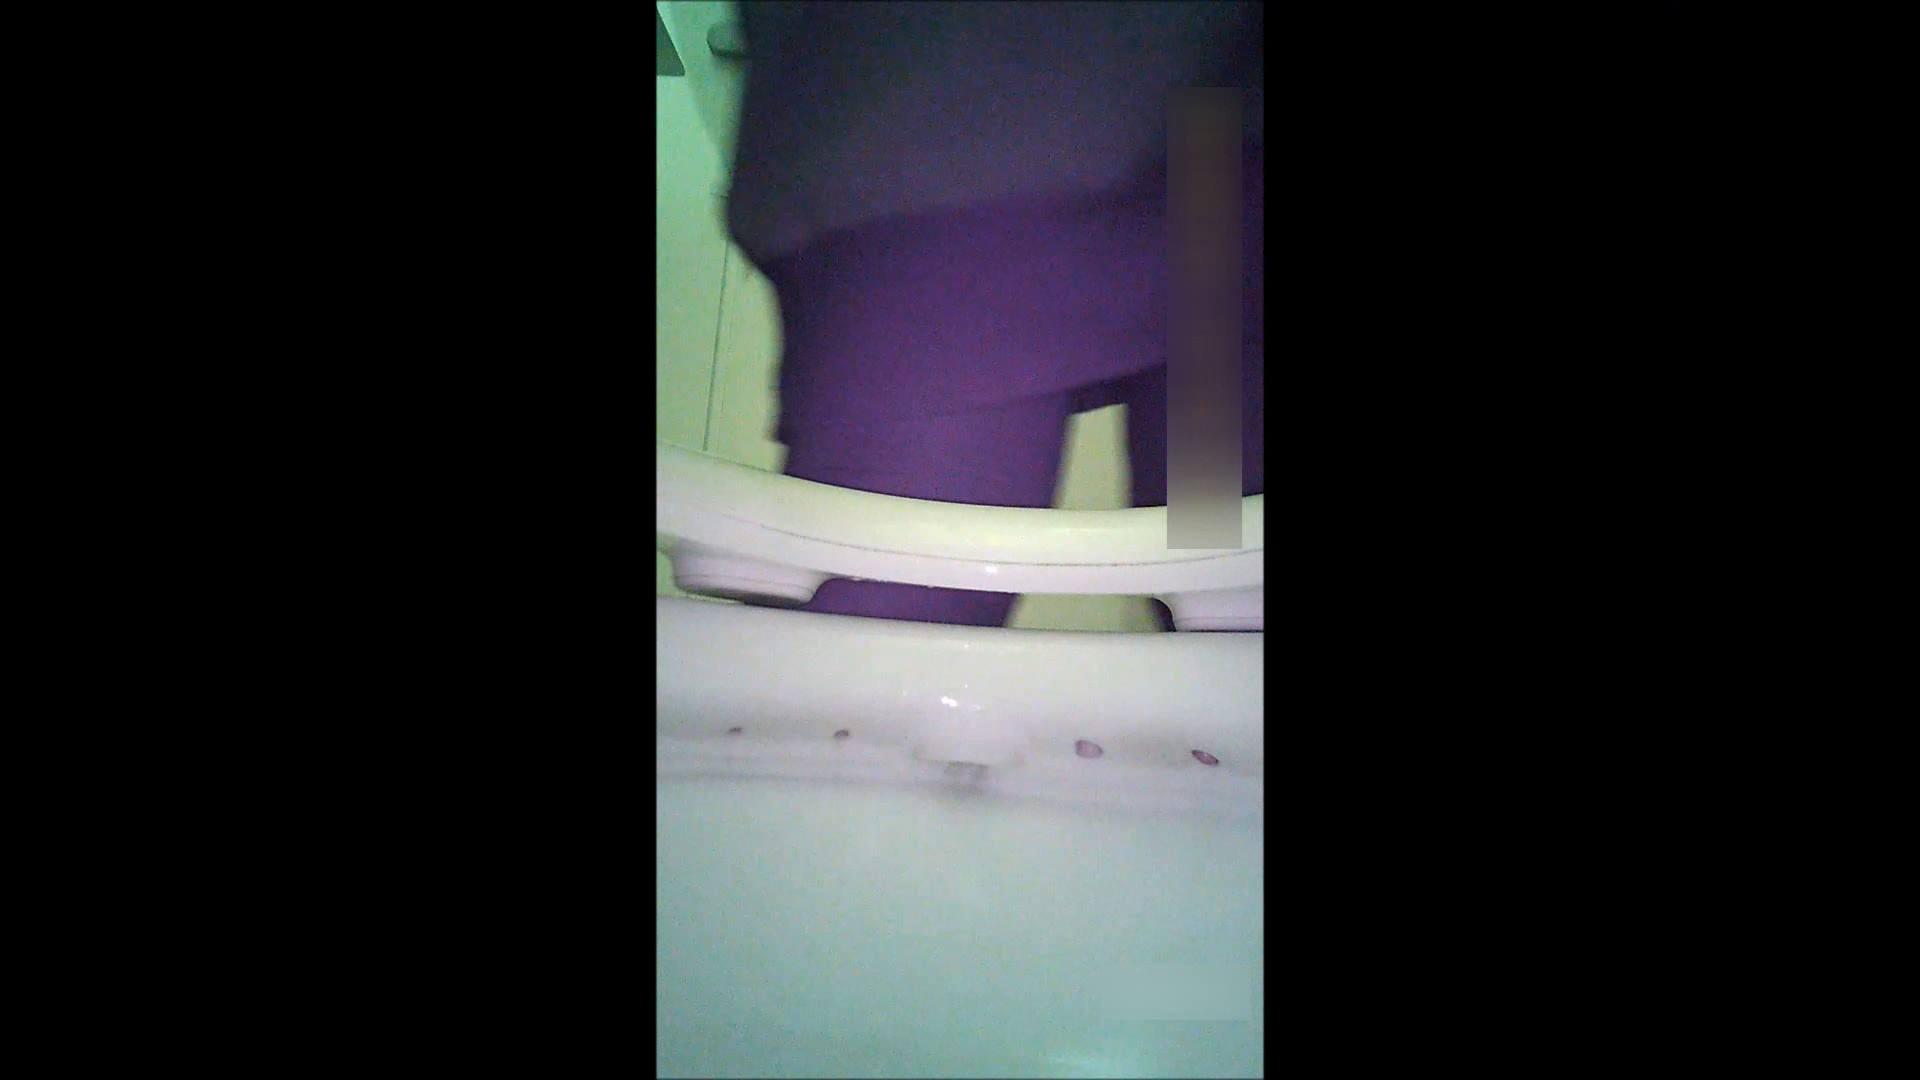 キレカワ女子大生の秘密の洗面所!Vol.051 洗面所 隠し撮りオマンコ動画紹介 94pic 59